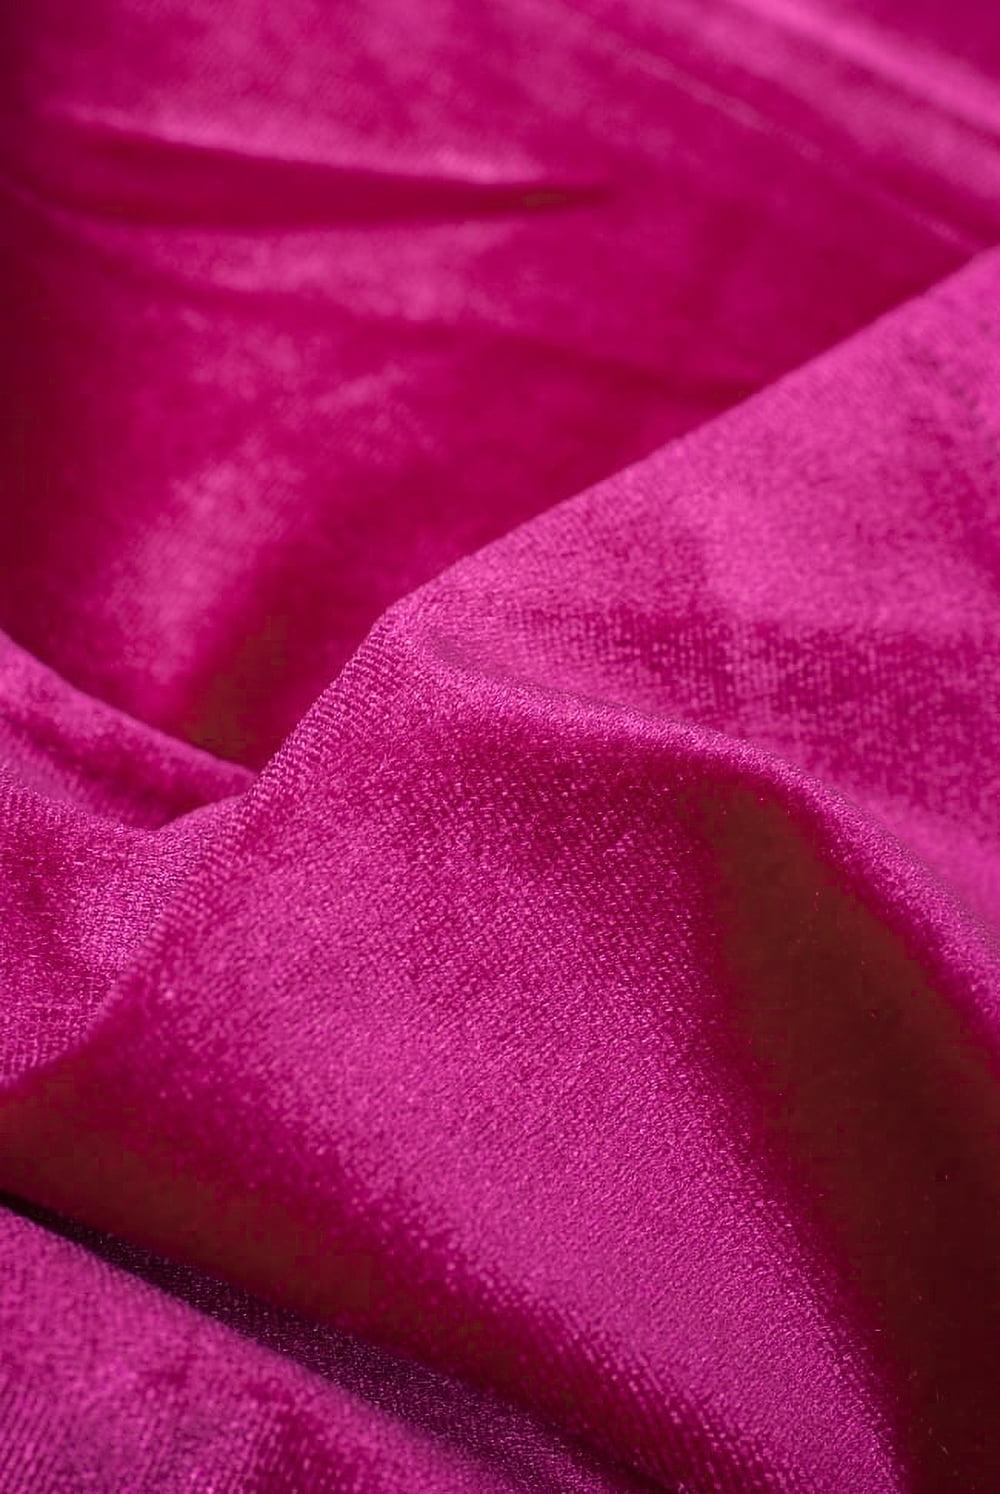 ベルベットのストレッチチョリ - ピンク 4 - ベルベット素材なので、光のあたり方によって光沢の変化があり美しいです。